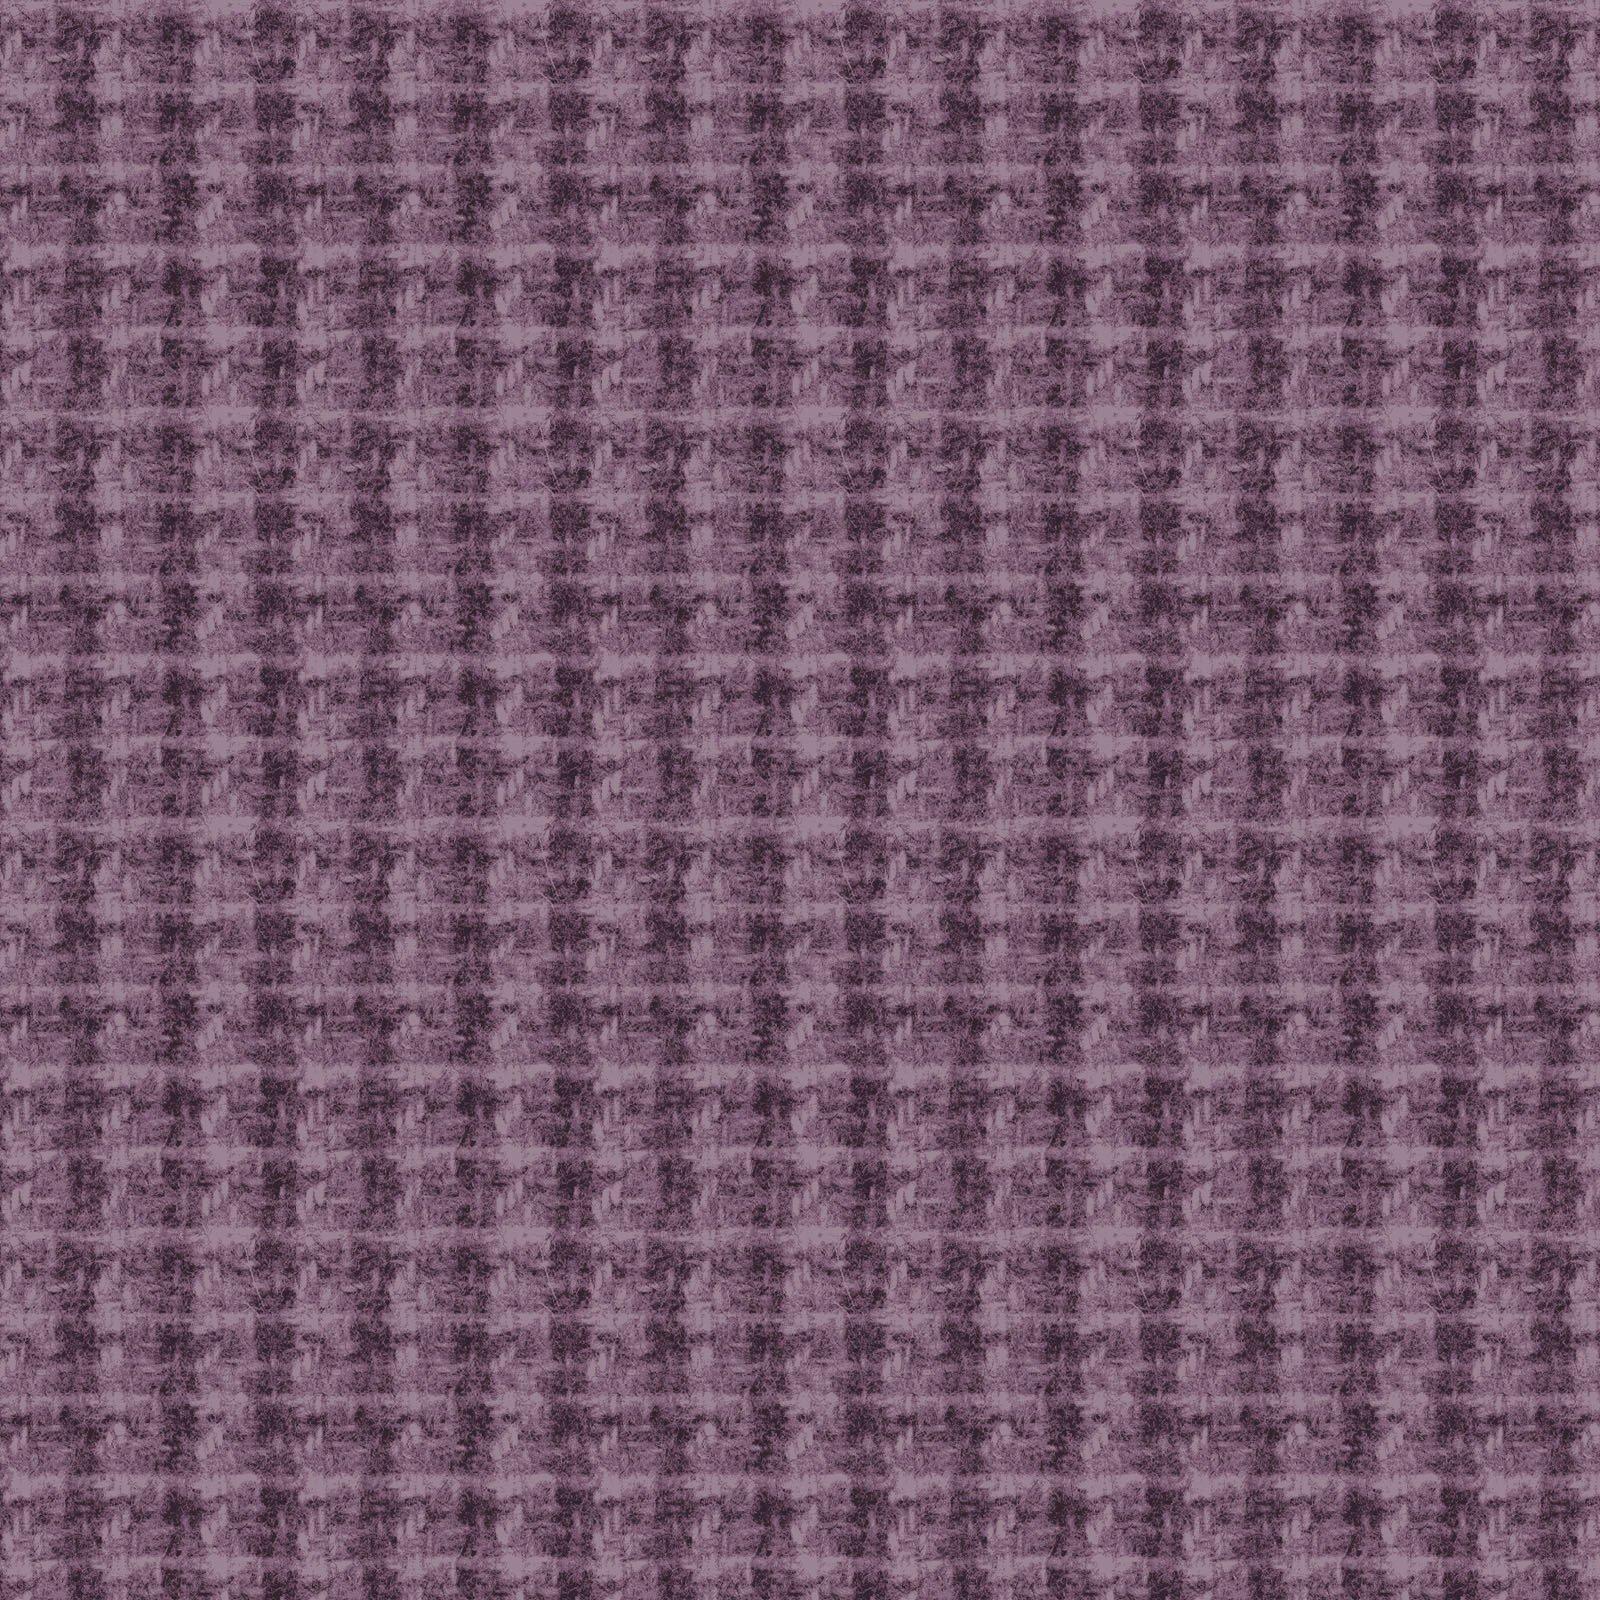 Woolies Flannel Double Weave Purple (MASF18504-VR)